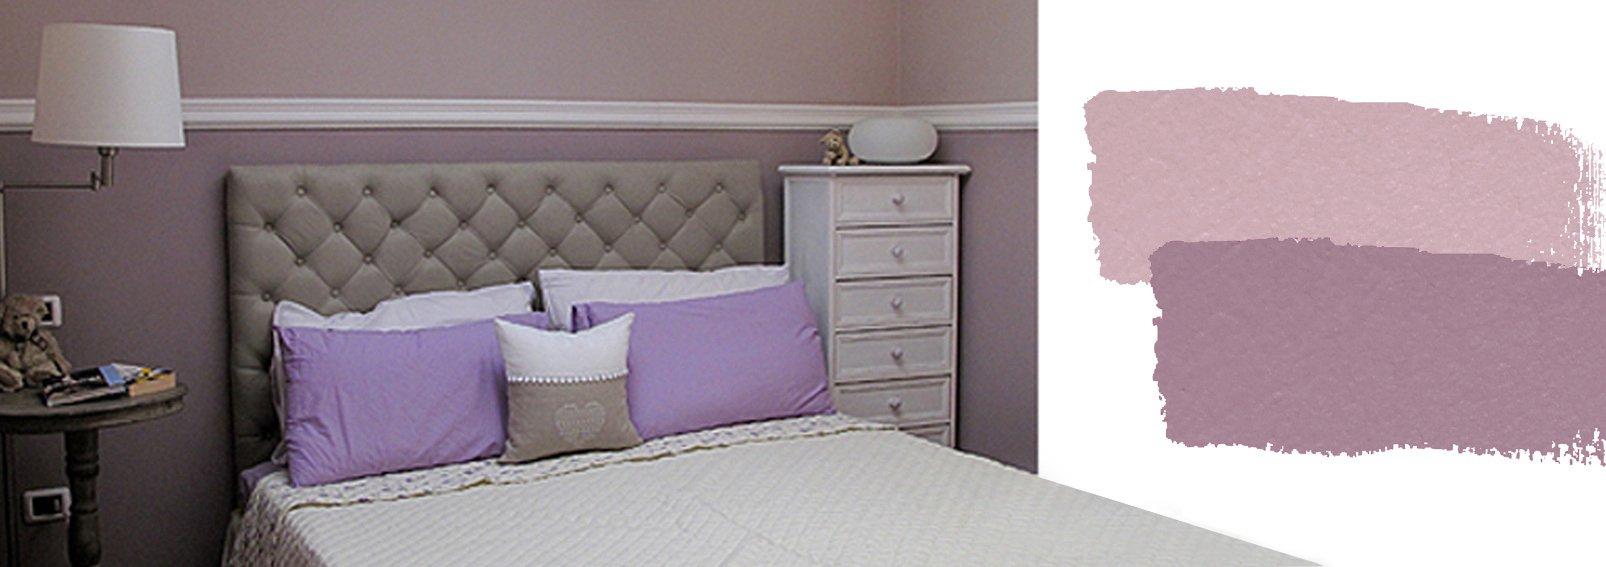 Camera da letto relooking con poca spesa cose di casa - Tende per camera da letto matrimoniale immagini ...